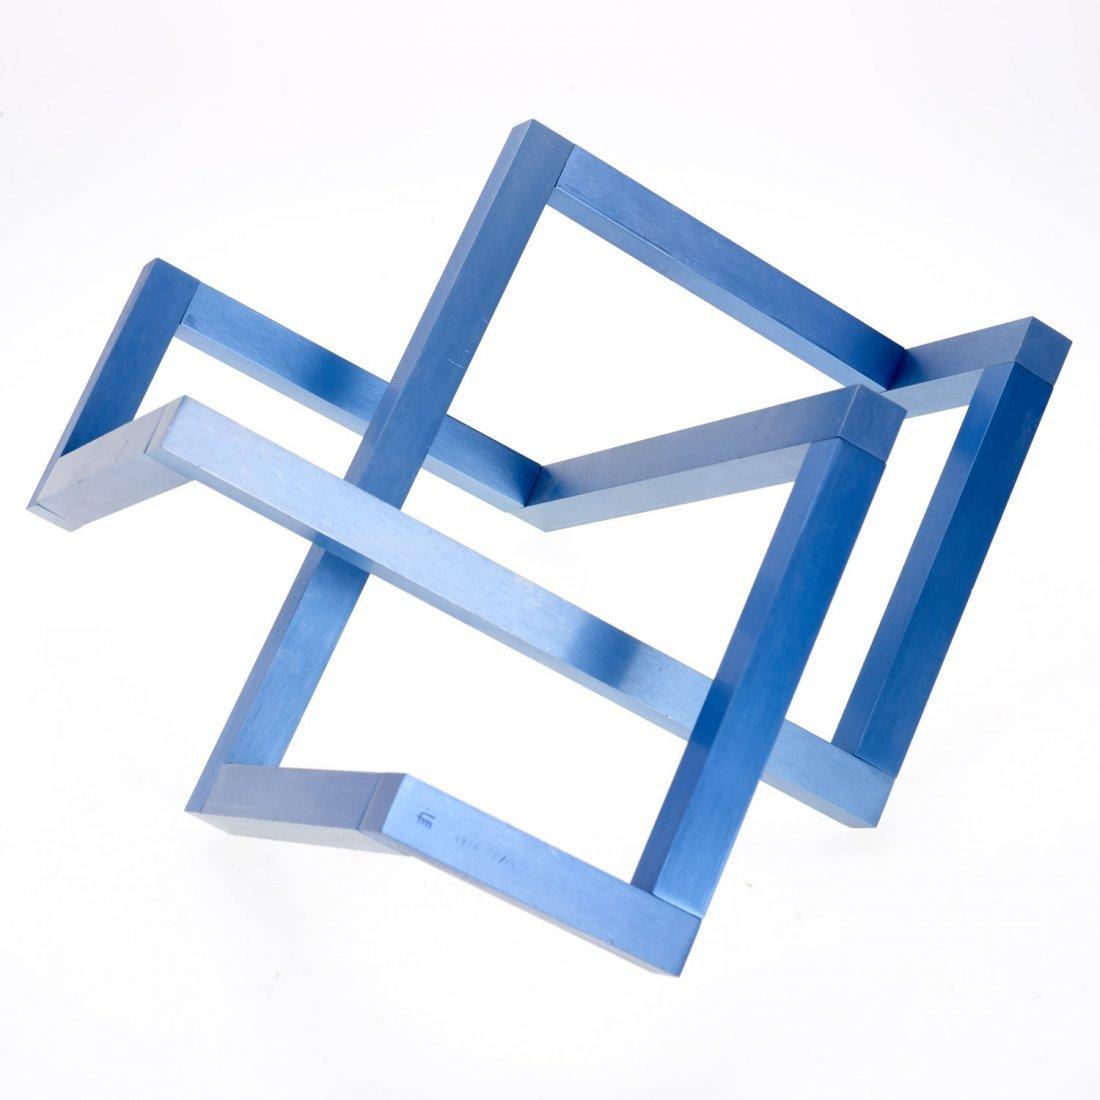 Forrest Myers geometric aluminum sculpture - 3